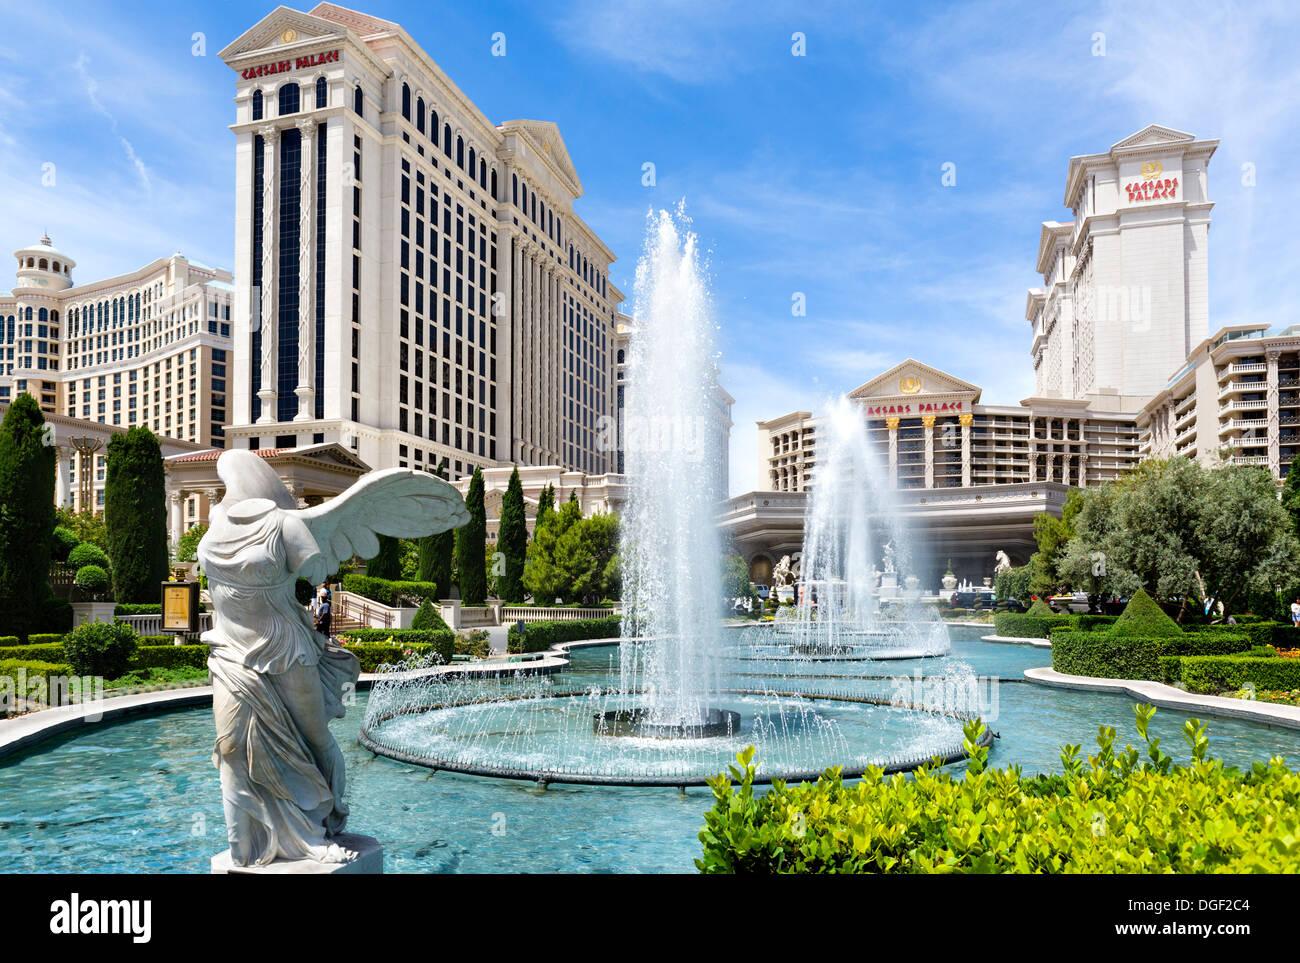 Caesars Palace Las Vegas Stock Photos Caesars Palace Las